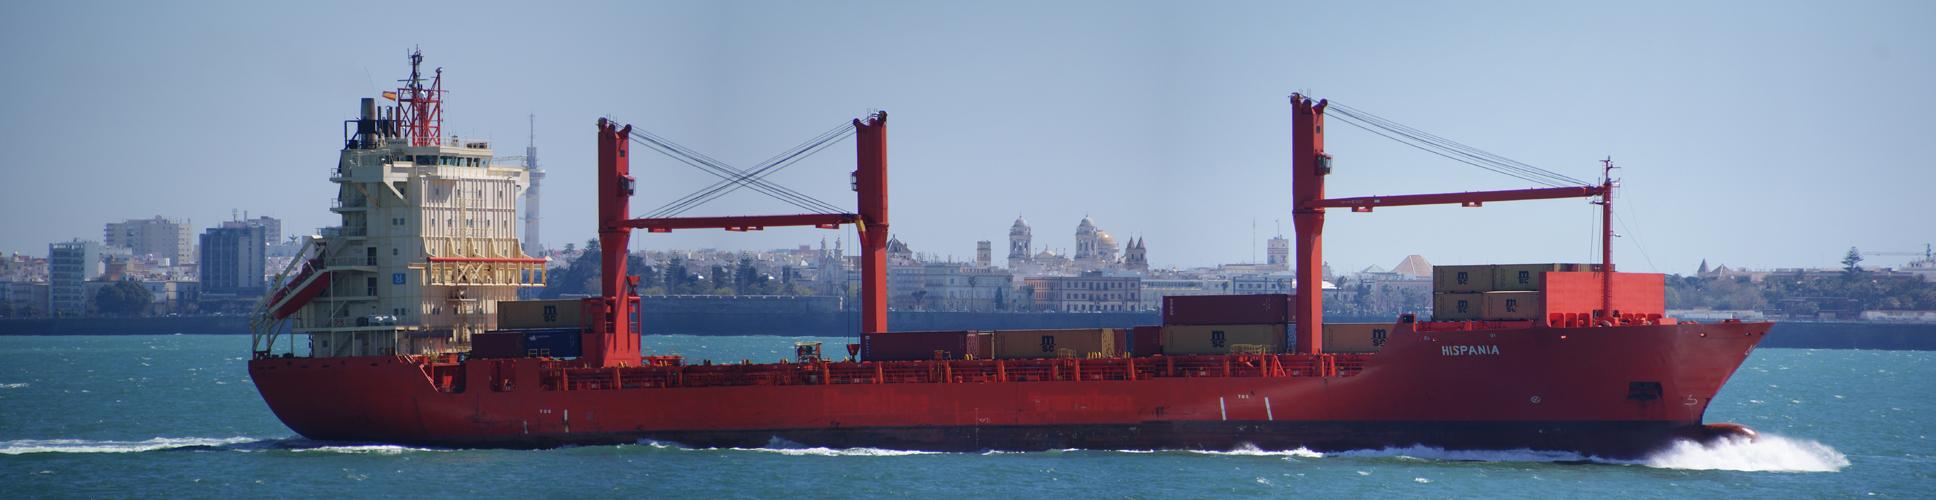 Hispania outbound Cadiz